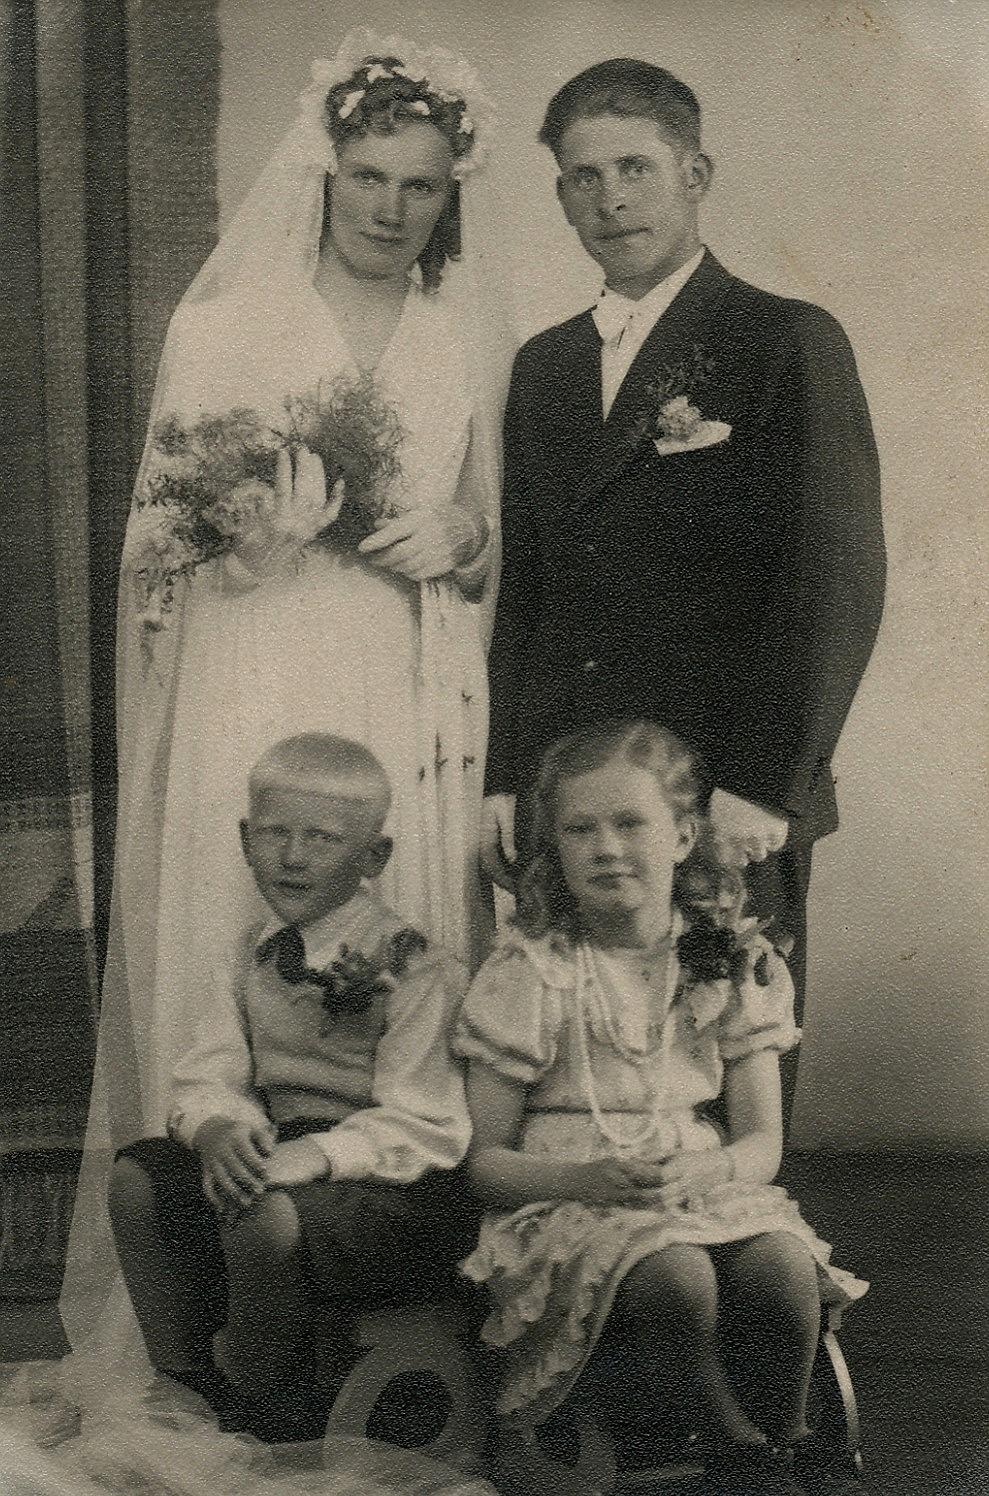 Edit och Holger Hammarberg, nere Harry Lillkull och Kerstin Rosenback, gift Nygren